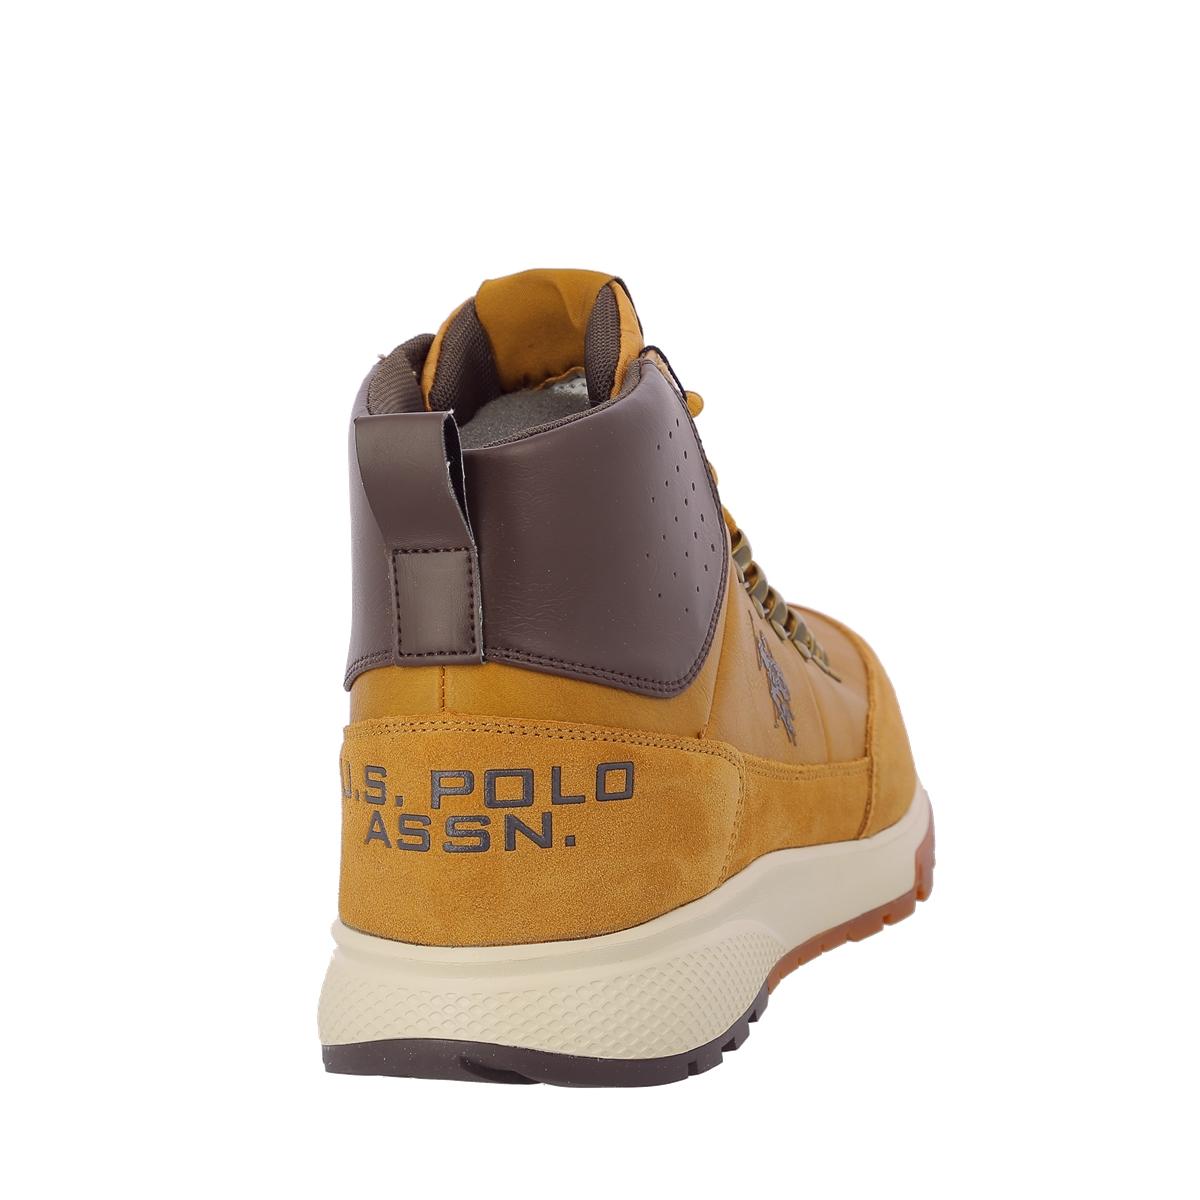 Us Polo Assn Bottinen camel